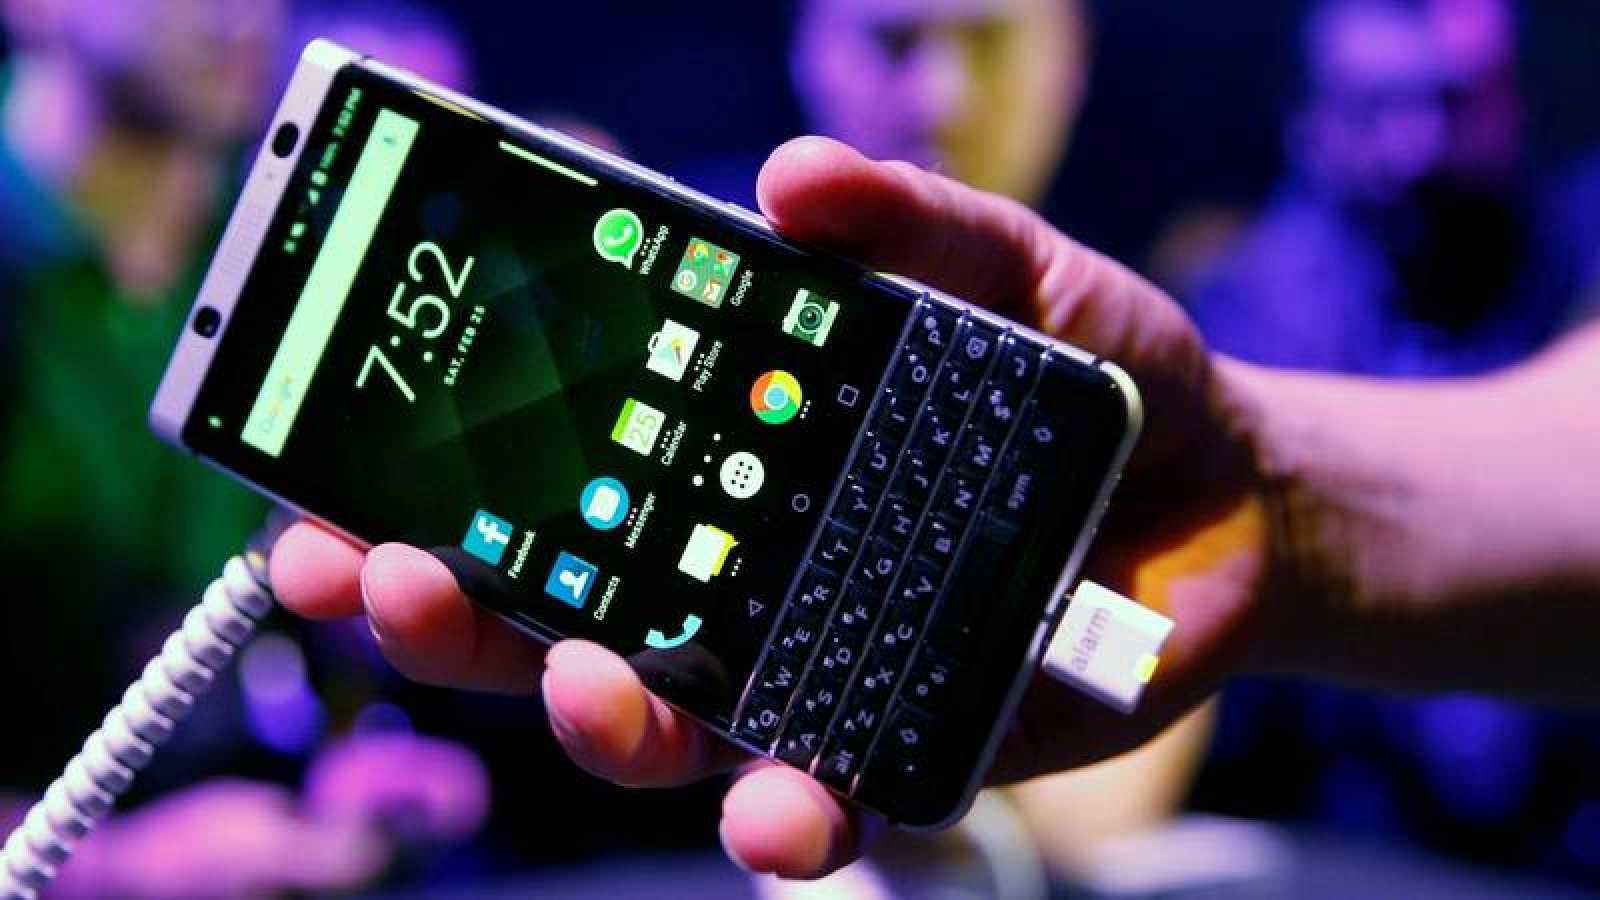 El BlackBerry KEYone fue presentado en la antesala del MWC 2017.